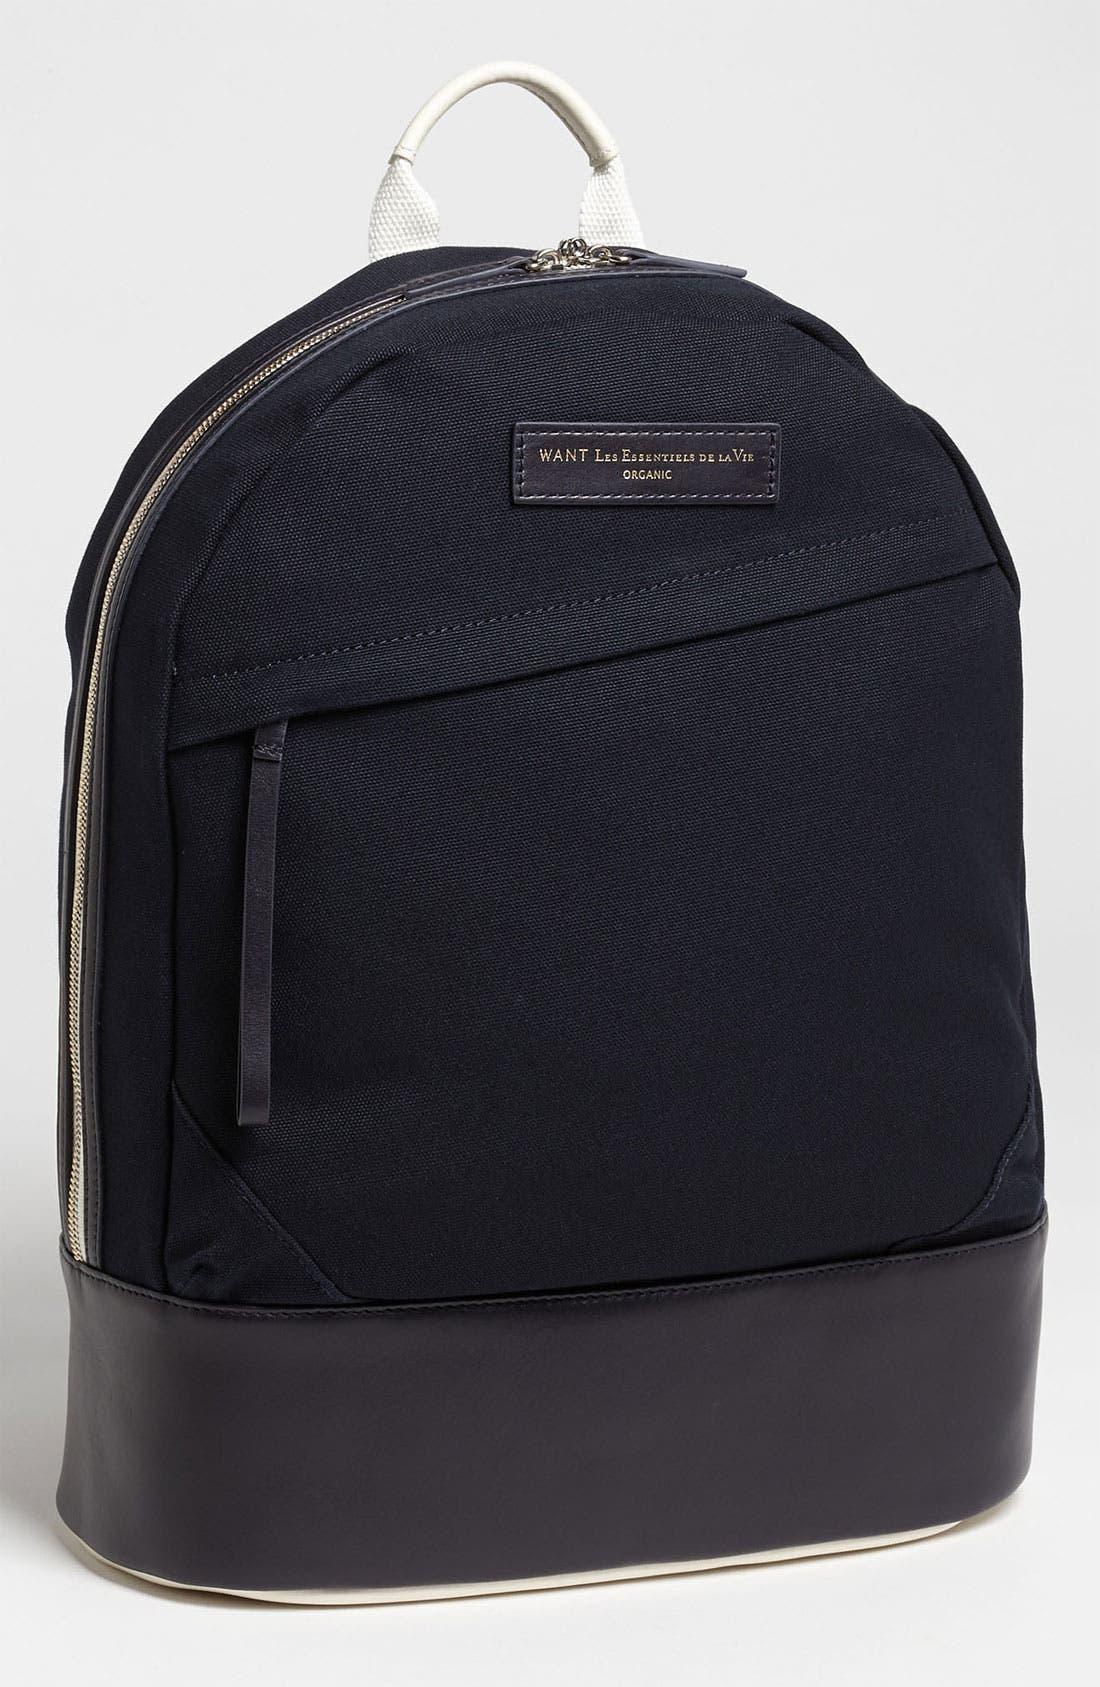 Main Image - WANT Les Essentiels de la Vie 'Kastrup' Backpack